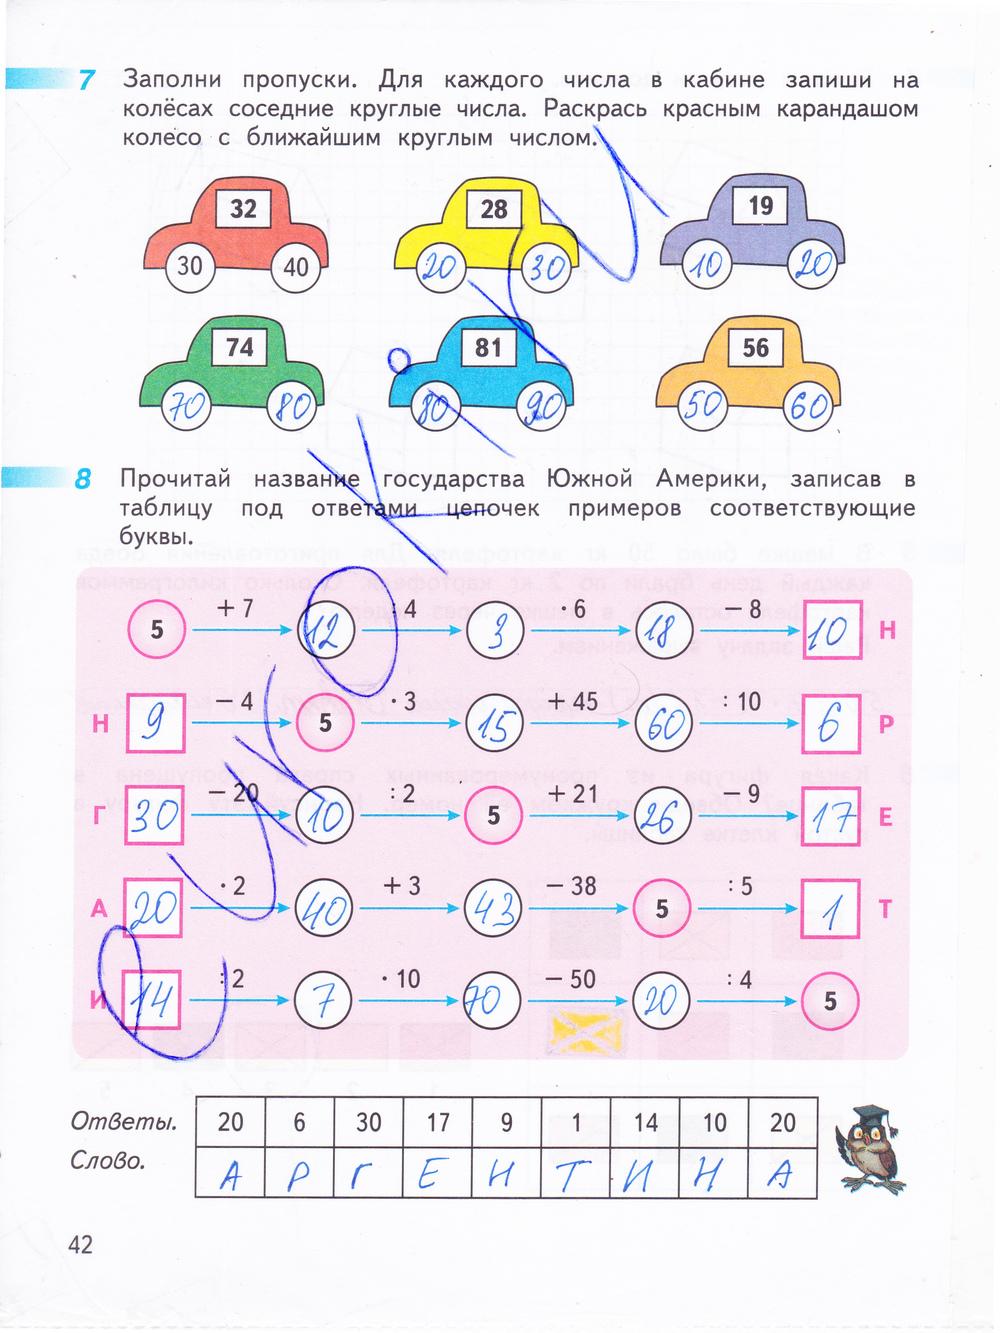 Гдз по математике 4 класс 1 часть рабочая тетрадь бука